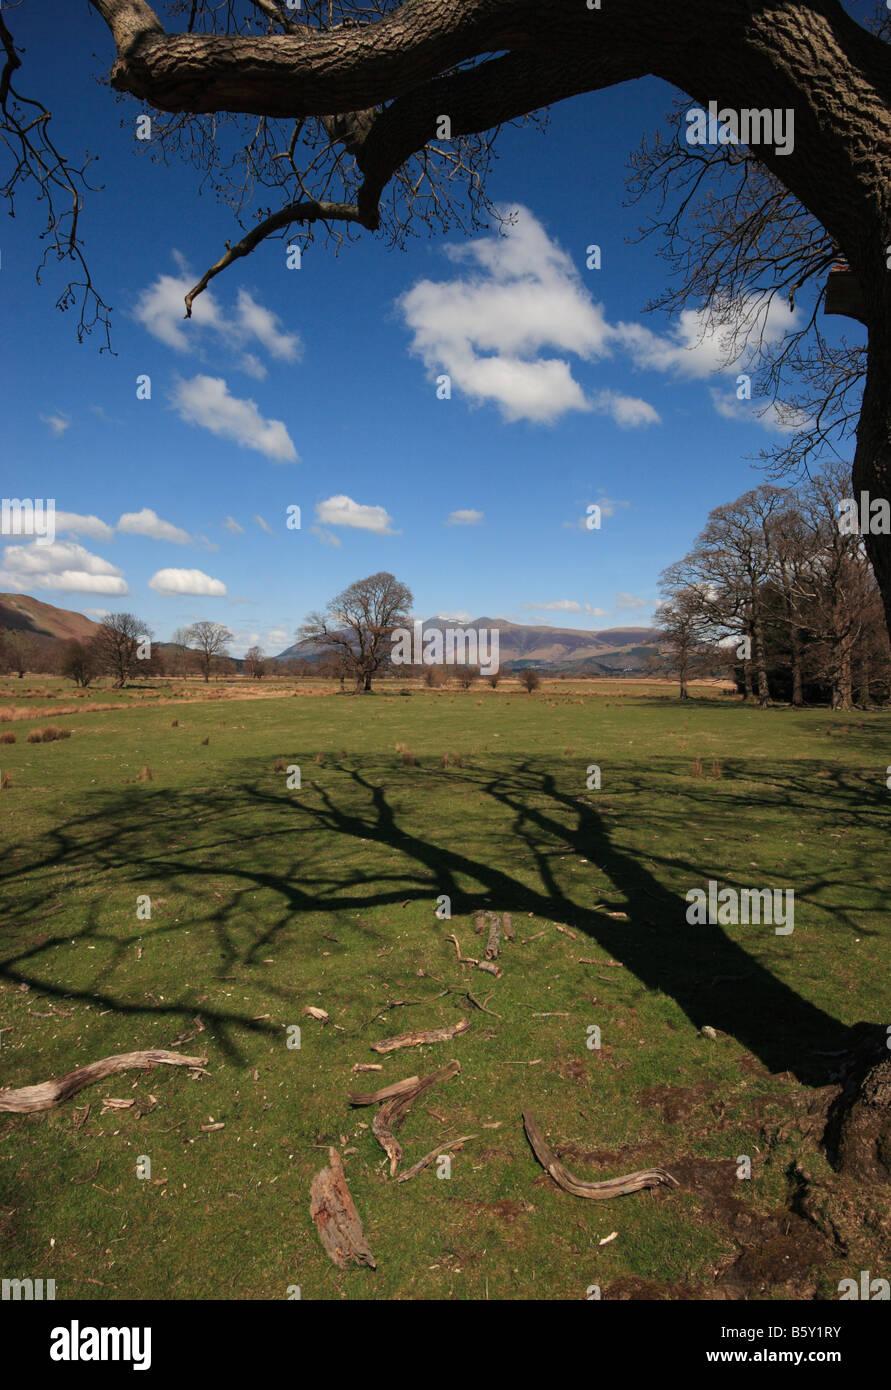 Ein Baum wirft einen langen Schatten, mit Ablagerungen im Vordergrund und Cumbrian Fells im Hintergrund, England, Stockbild